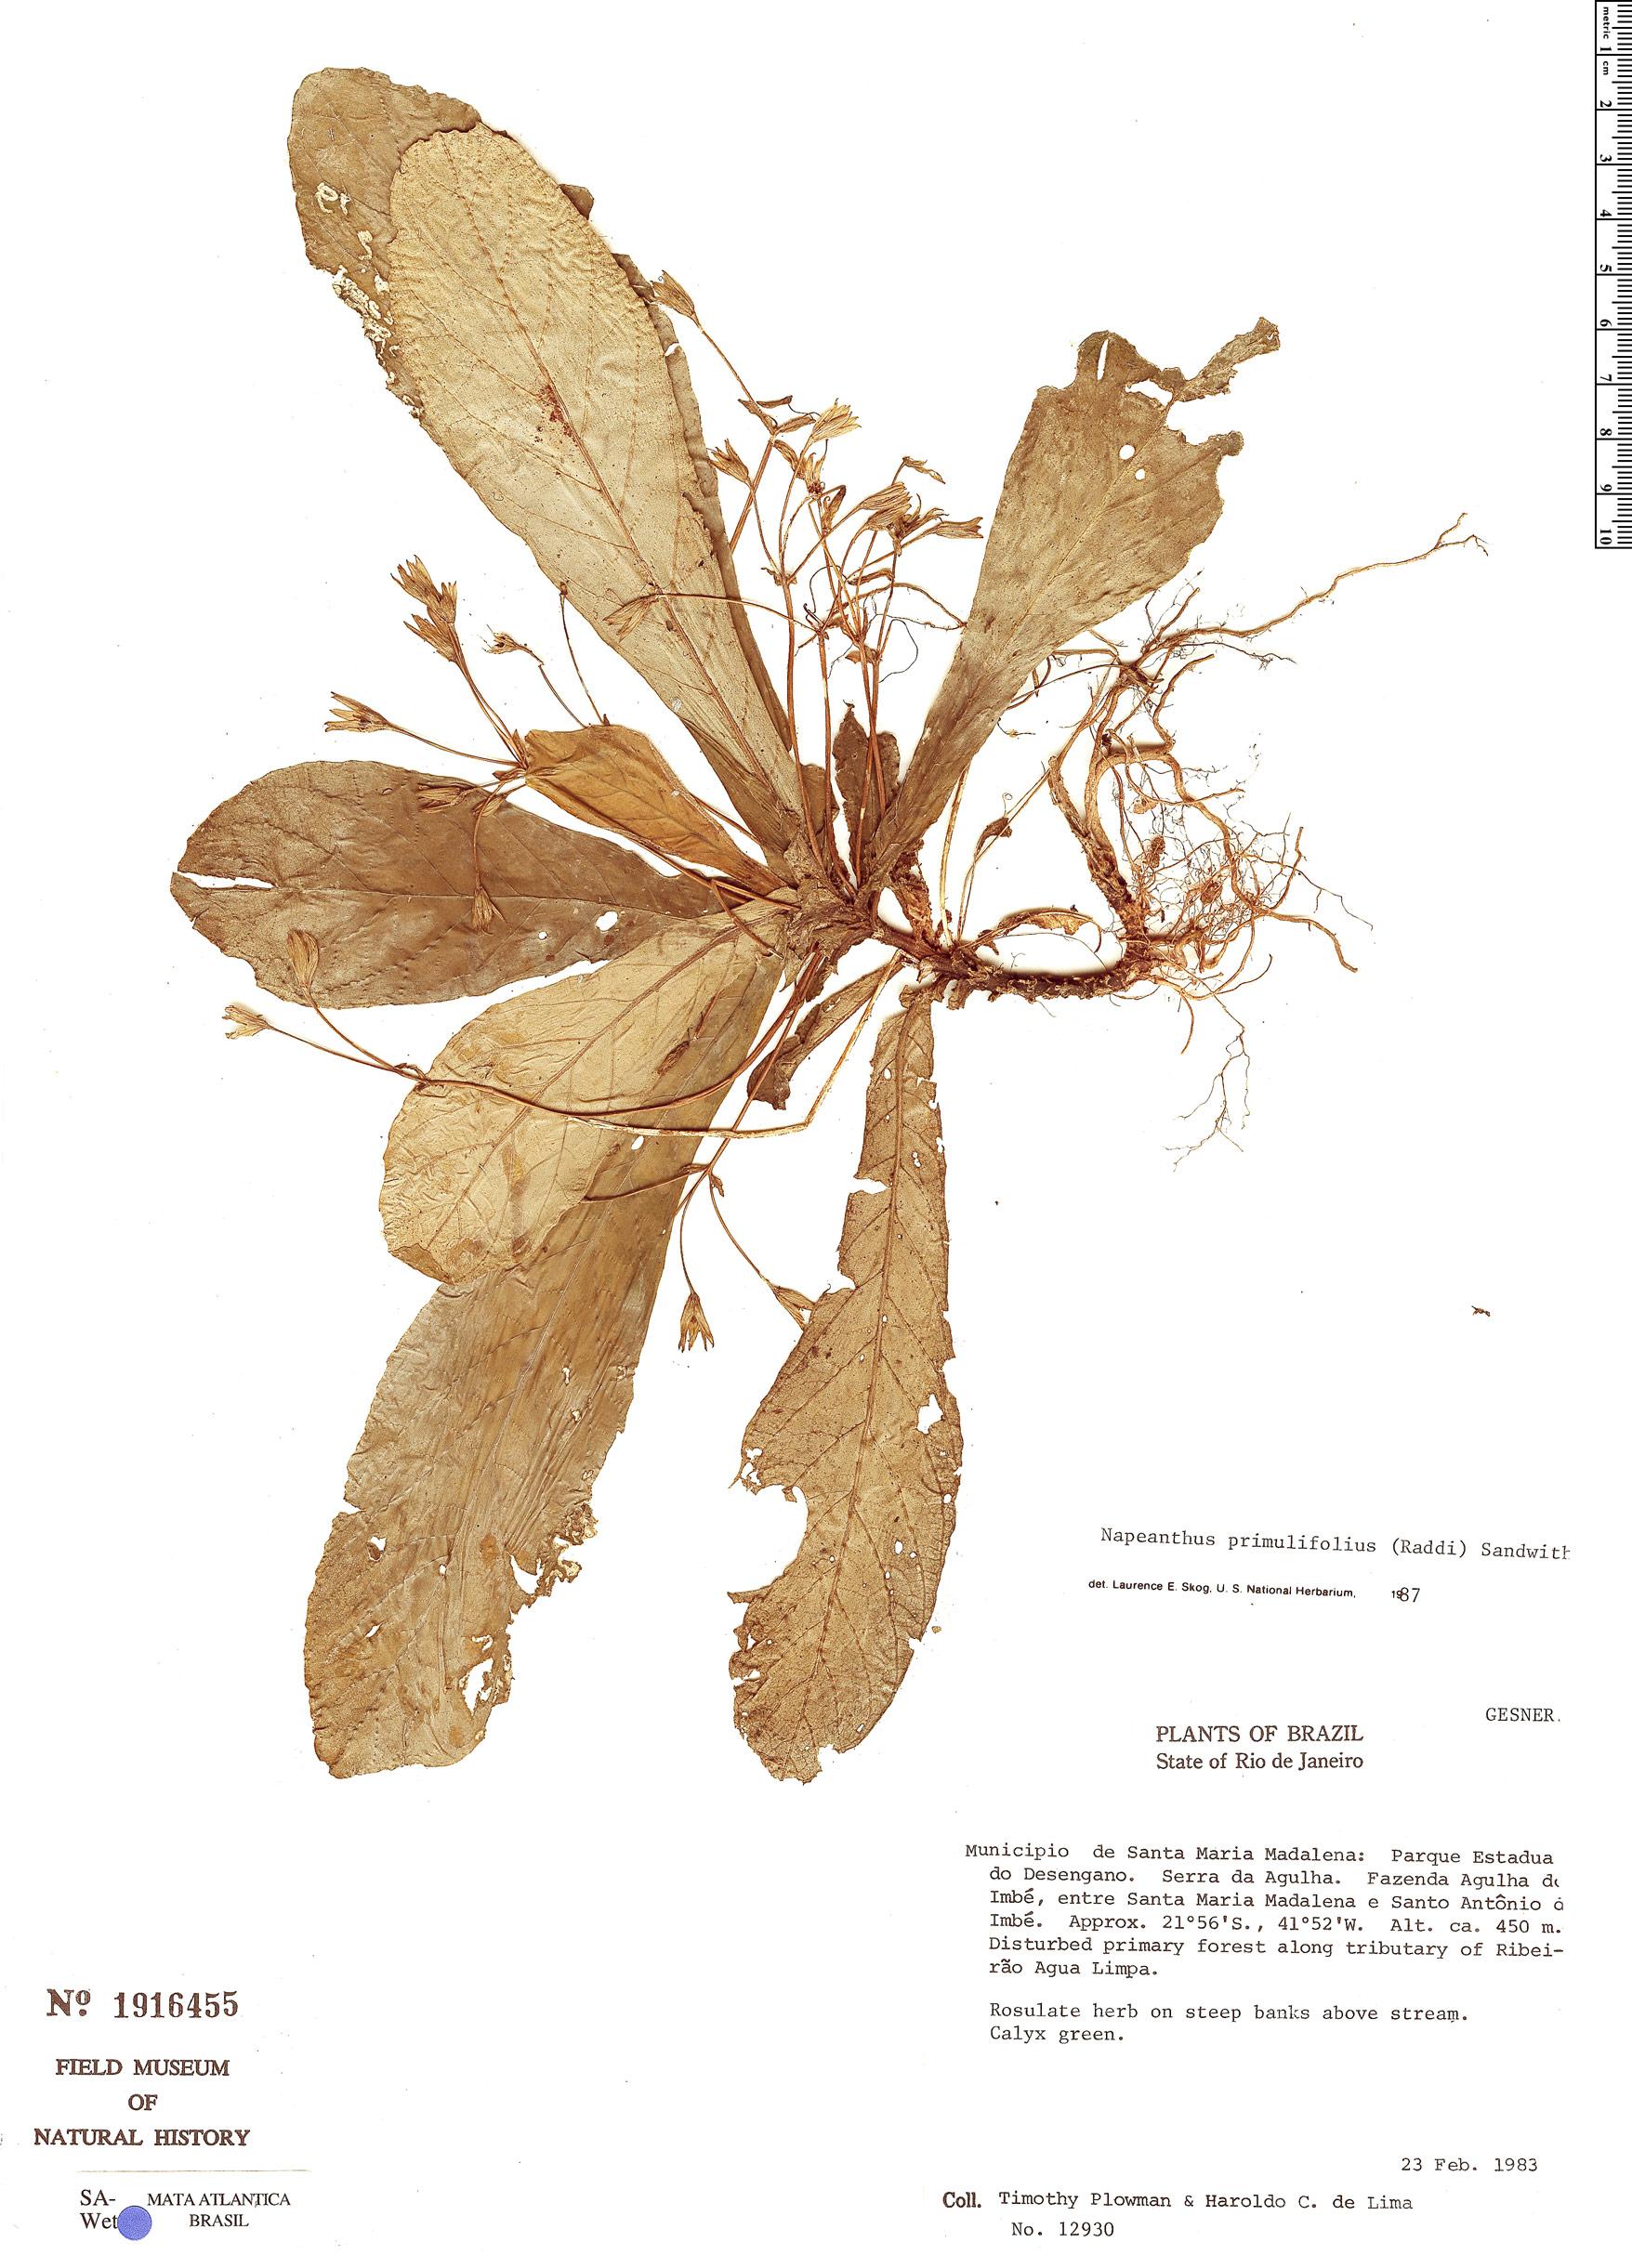 Specimen: Napeanthus primulifolius